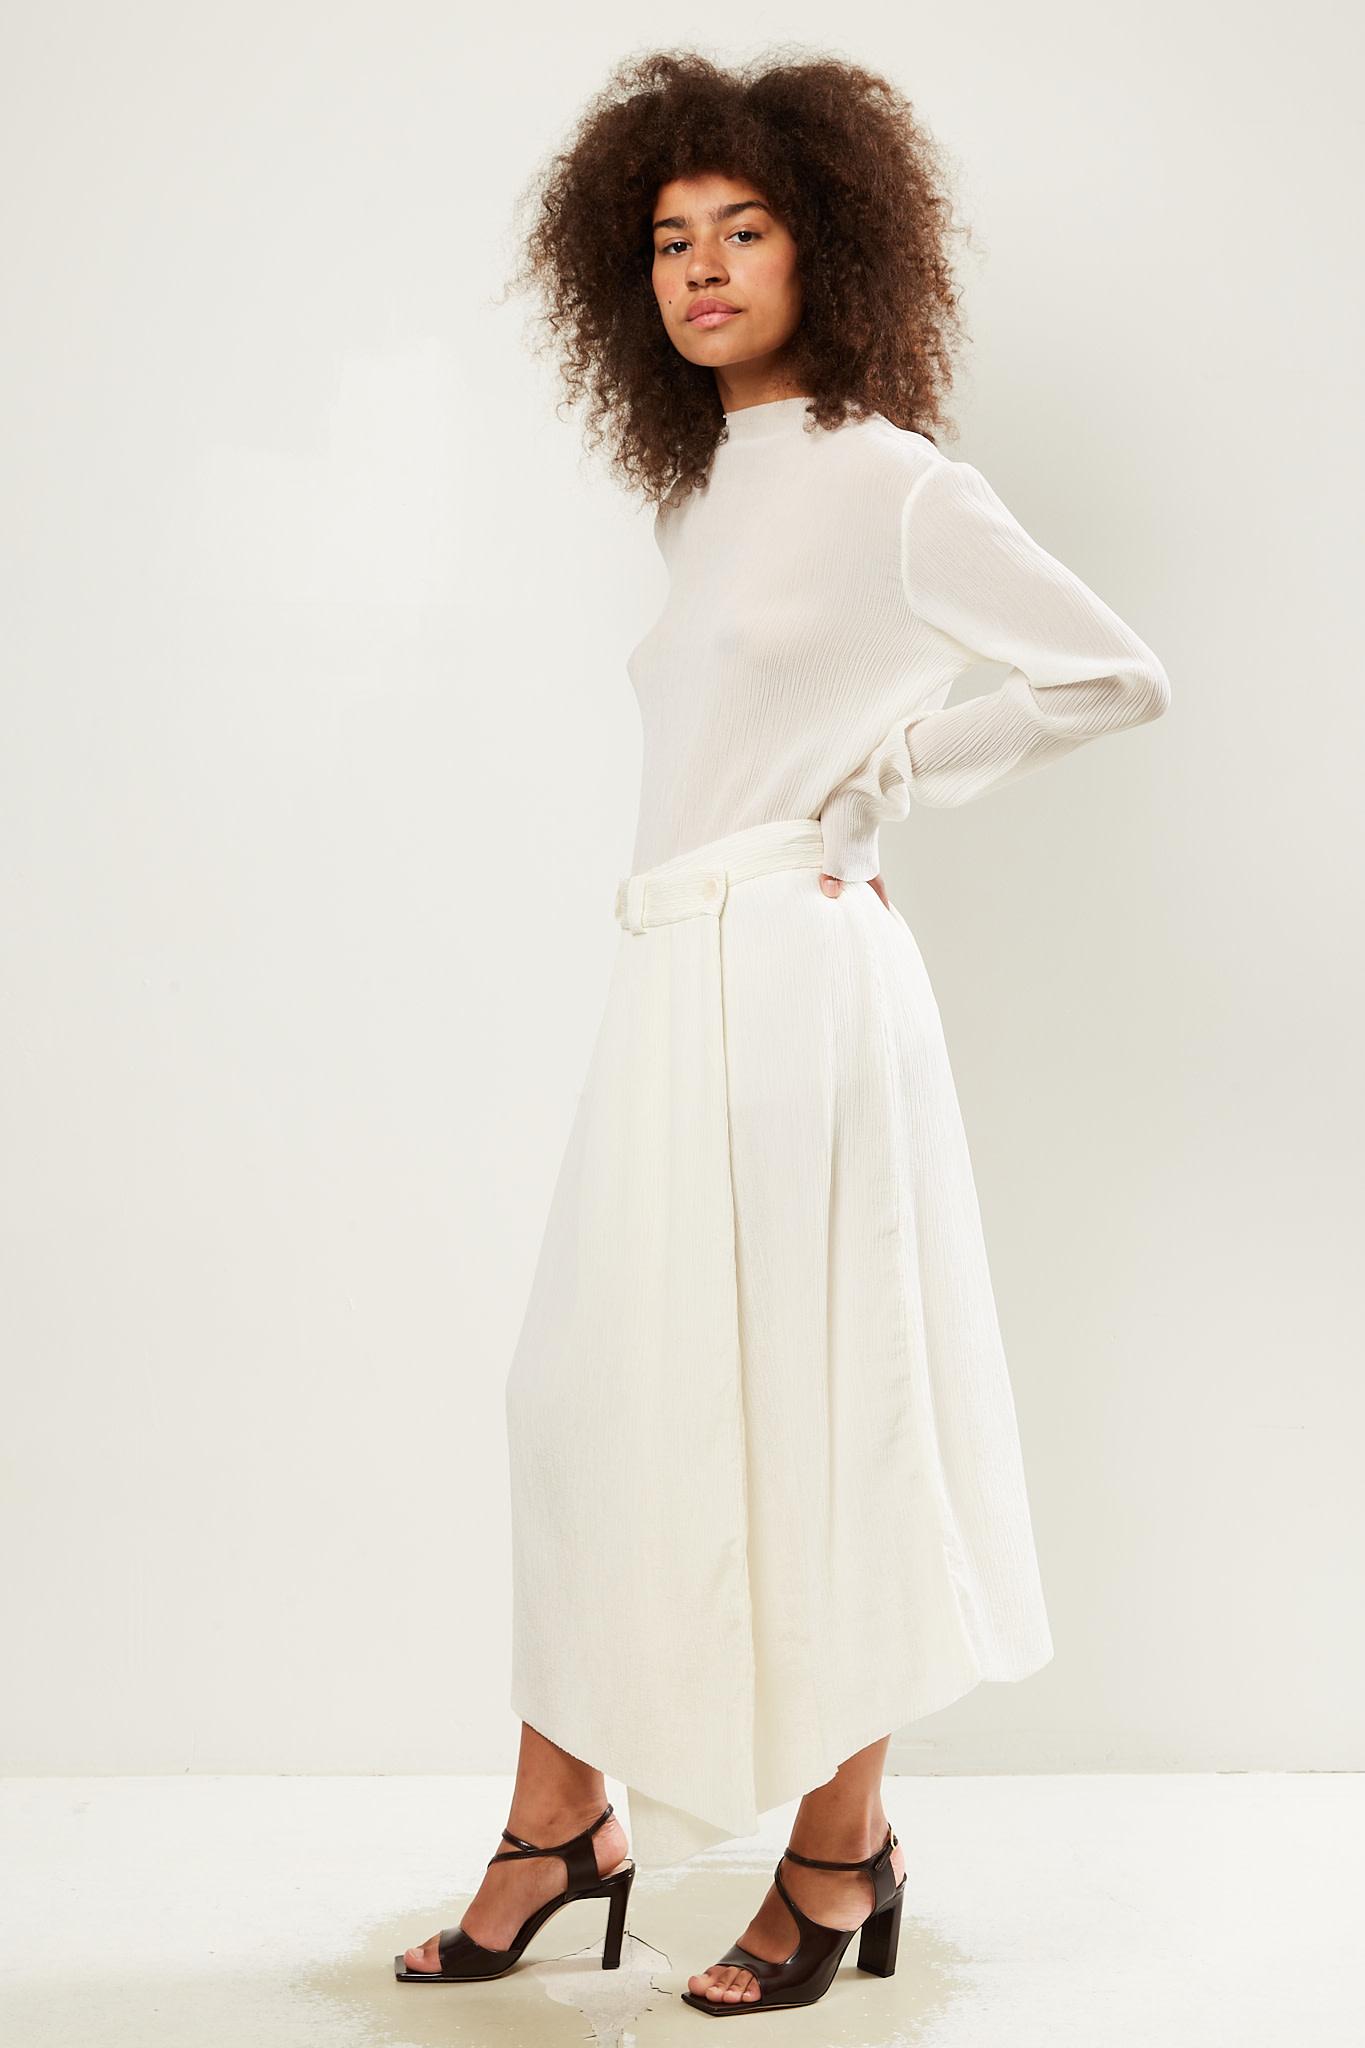 Aeron Epoque skirt